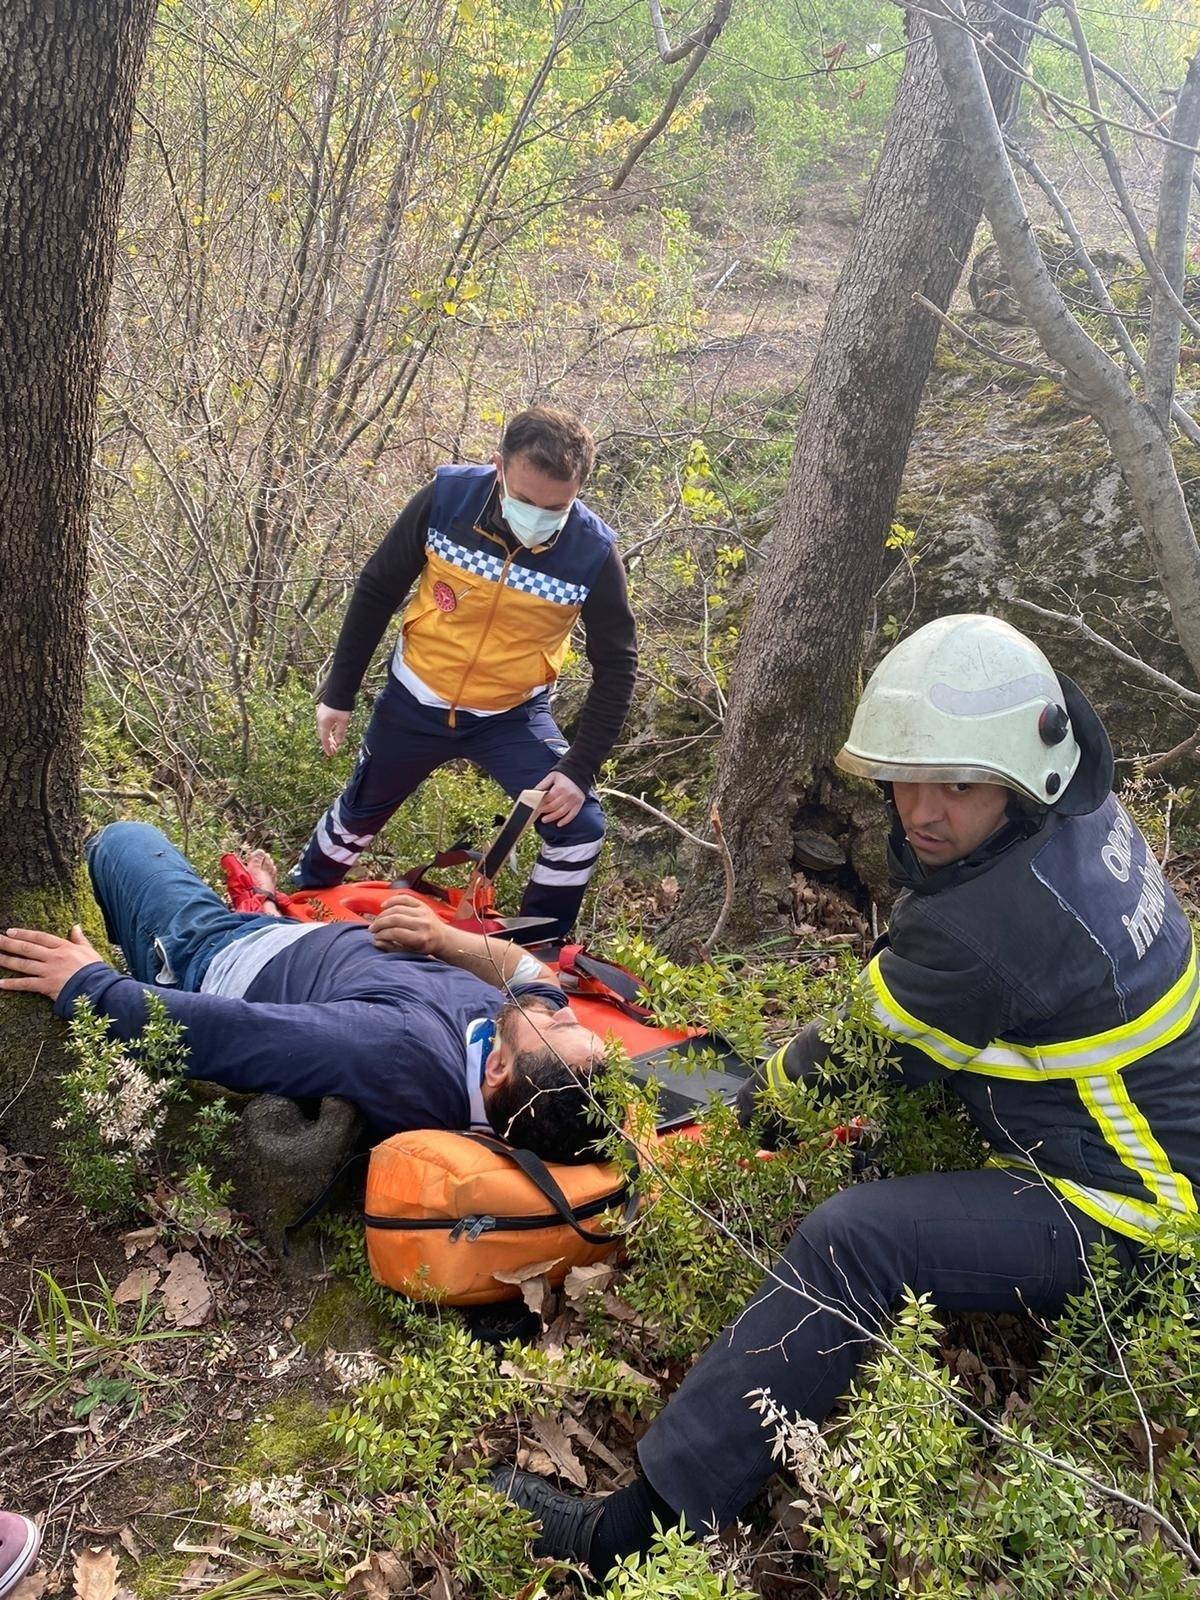 Kayalıklardan düşen vatandaş kurtarıldı